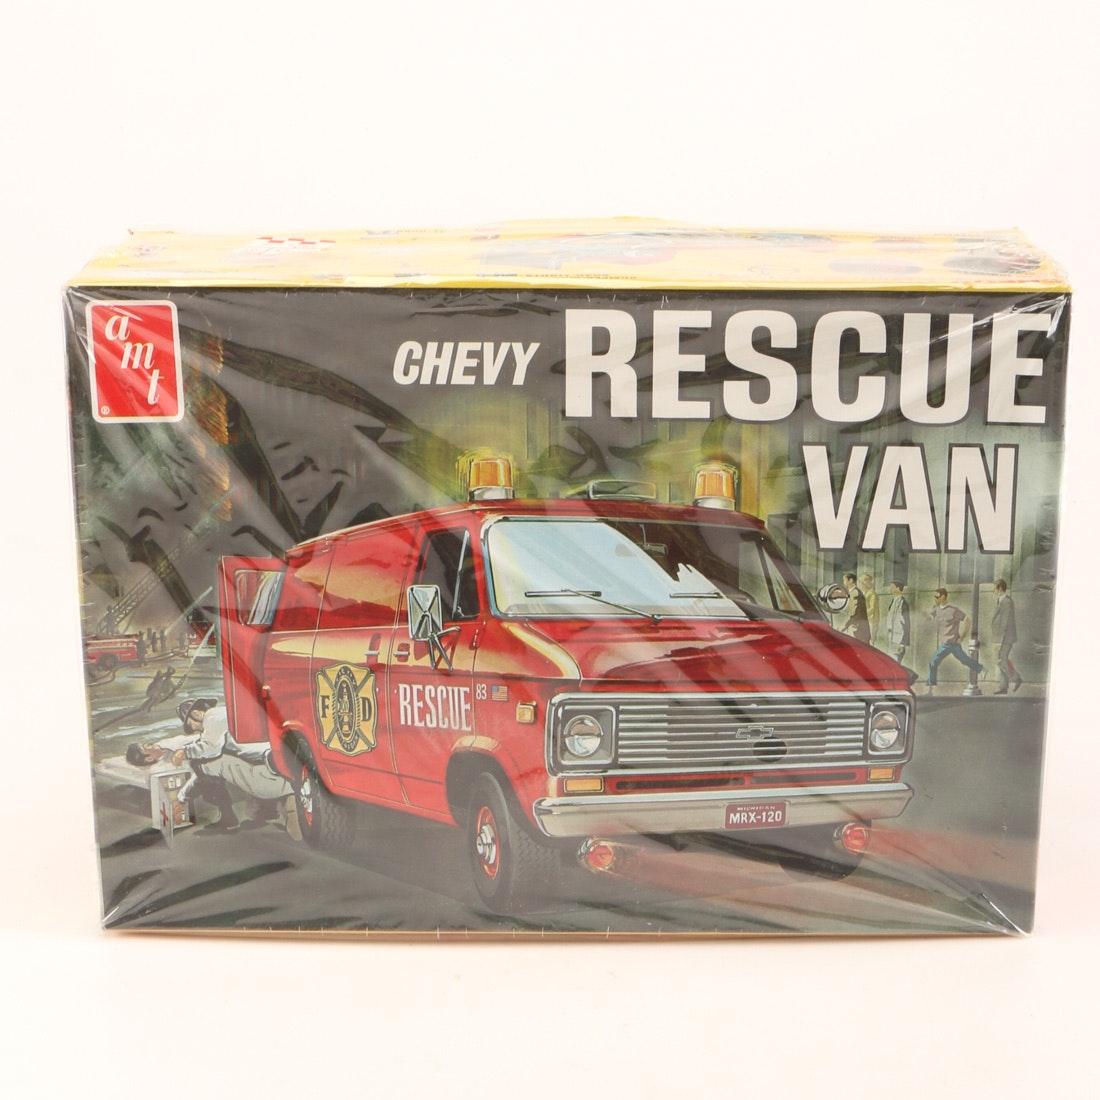 Original Issue Chevrolet Rescue Van